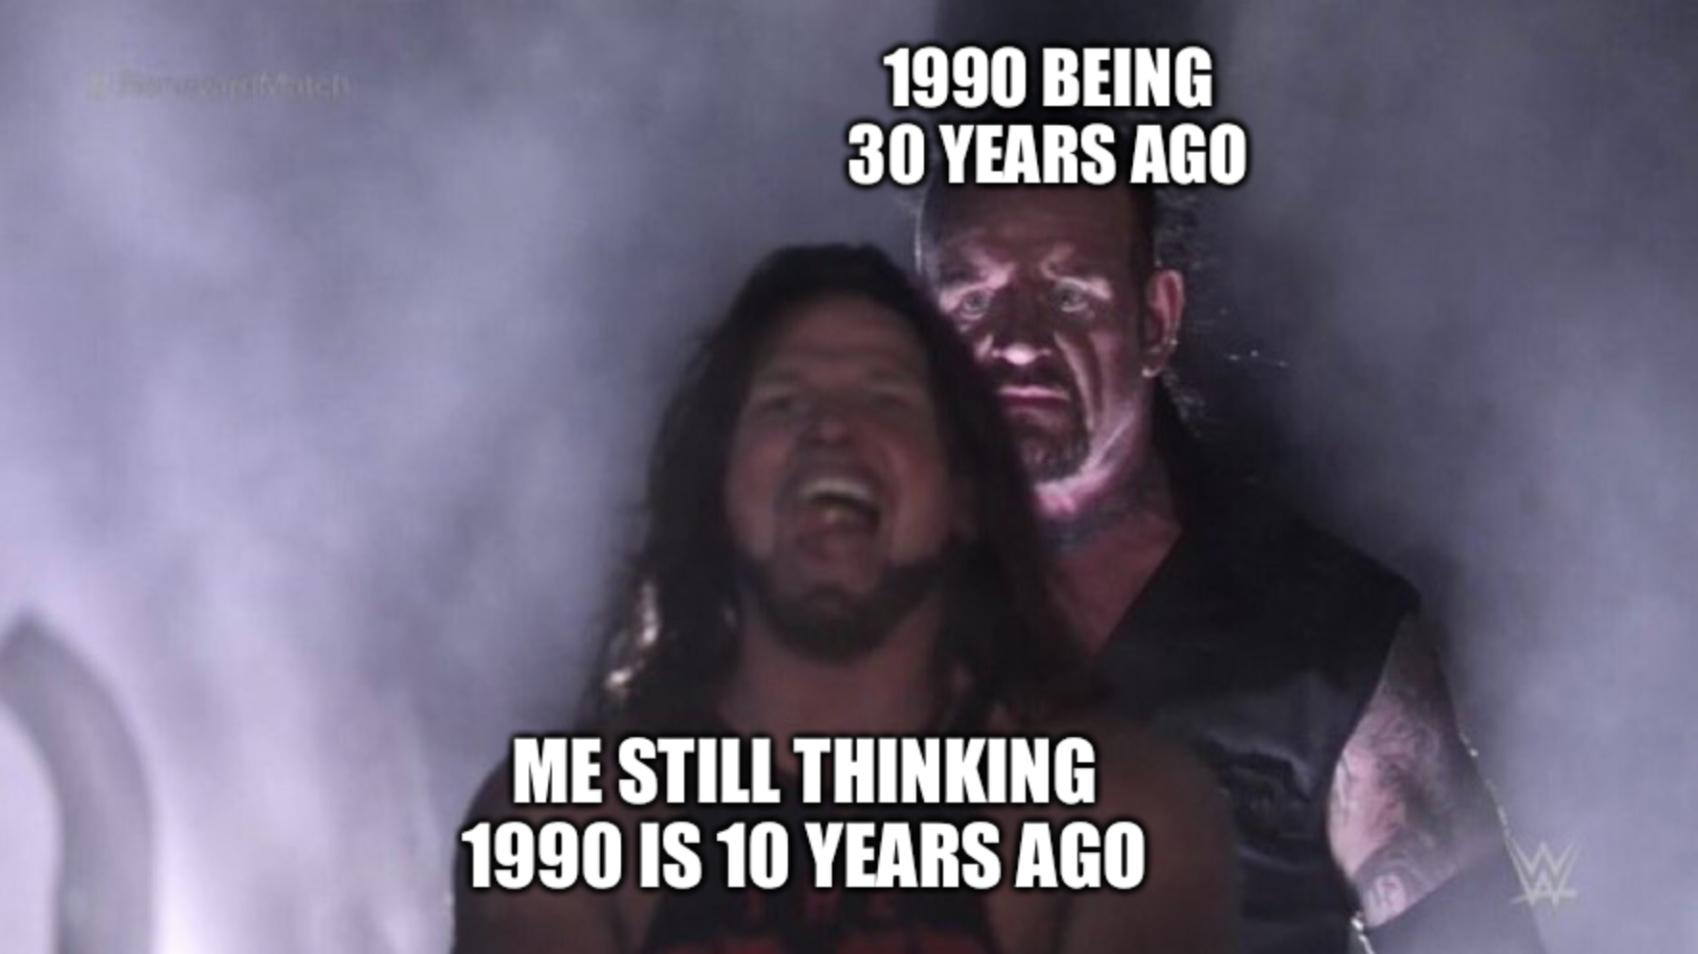 It can't be... - meme